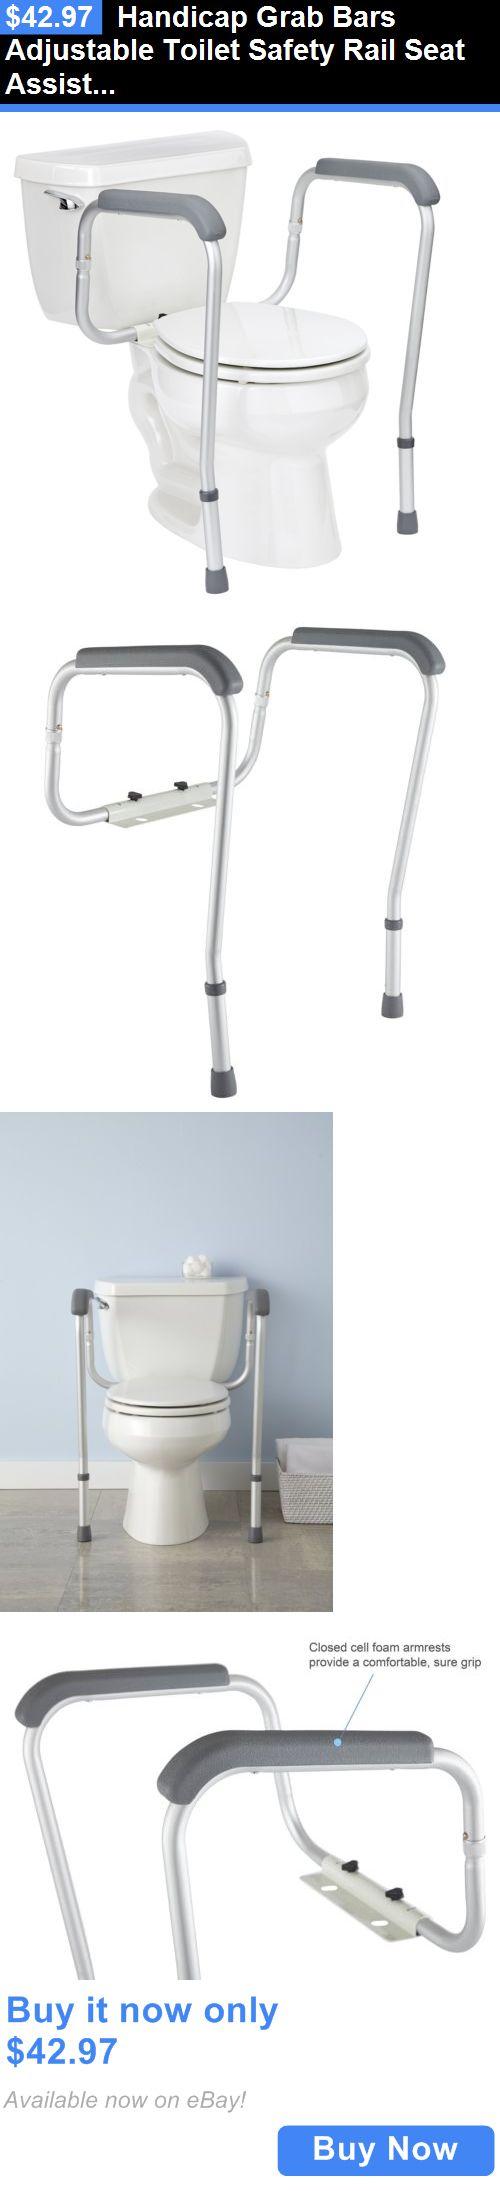 Remarkable Handicap Toilet Seat Rails Pictures Exterior Ideas D - Handicap bathroom handles